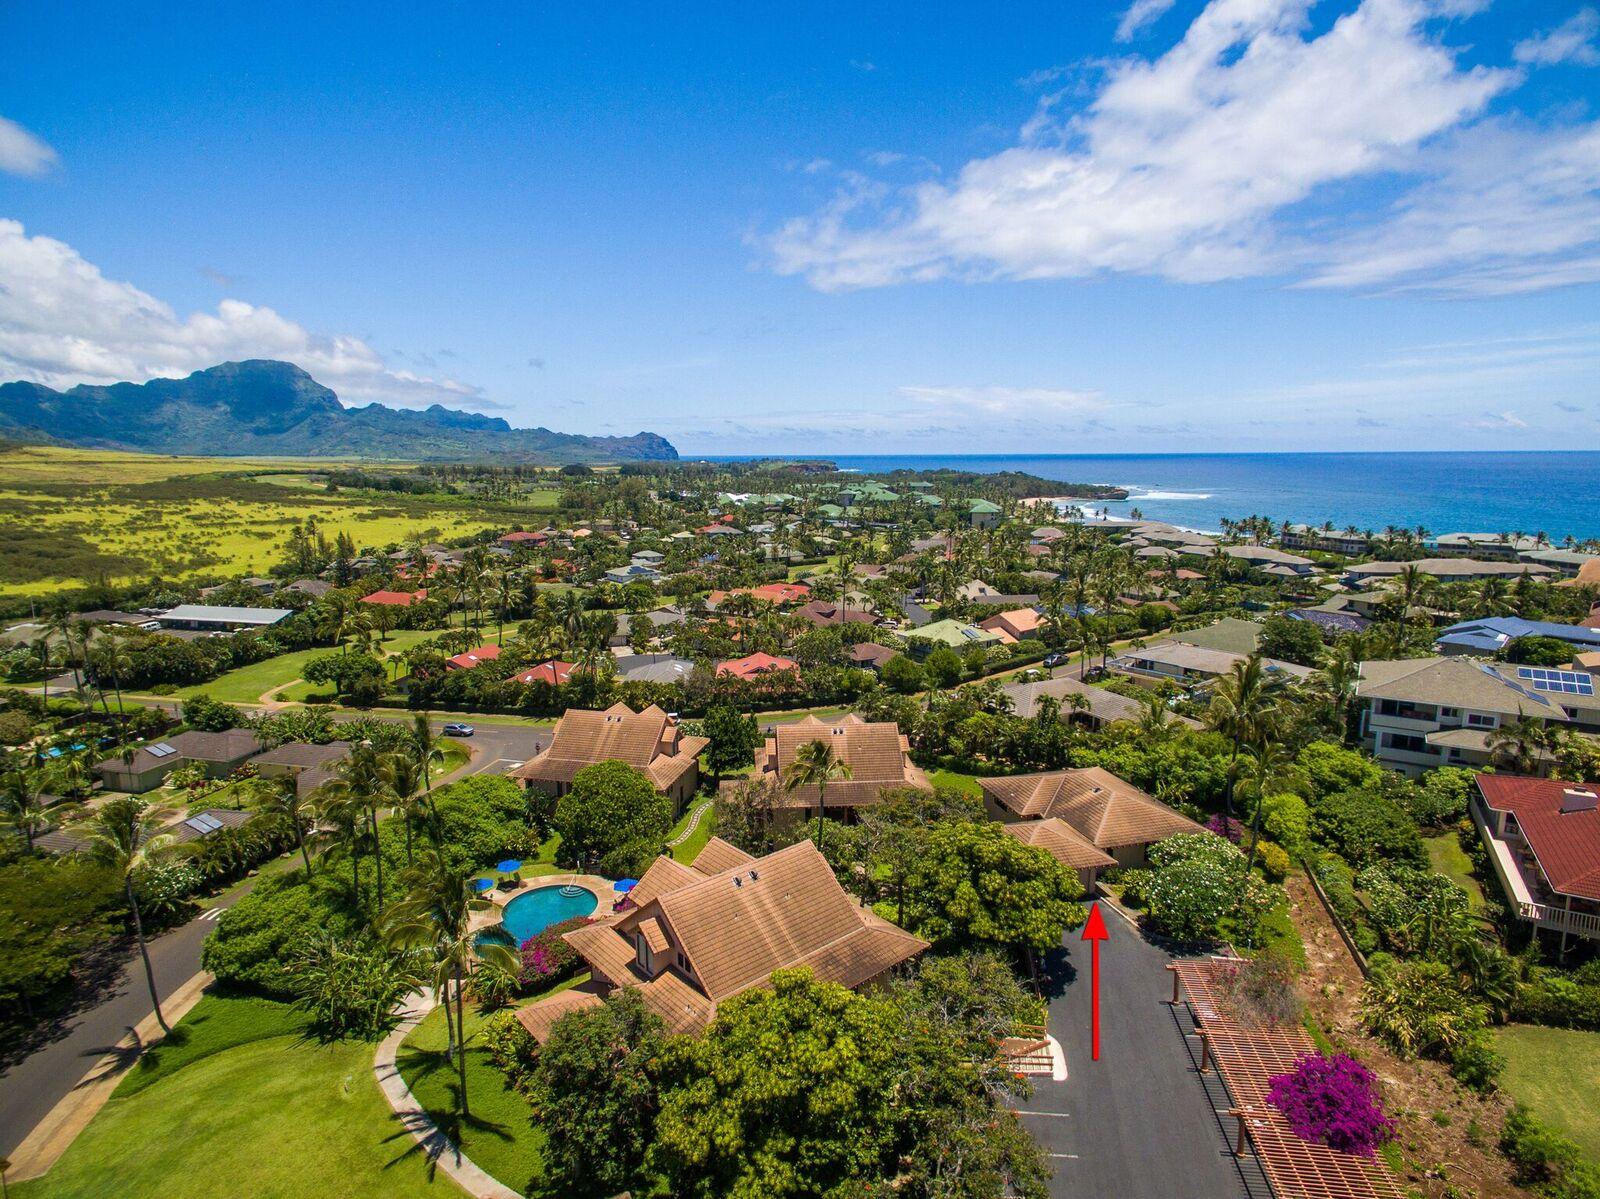 Appartement en copropriété pour l Vente à Rare and Completely Detached Condominium with Two Car Garage in Koloa, Kauai 2370 Ho'ohu Road #311 Koloa, Hawaii 96756 États-Unis